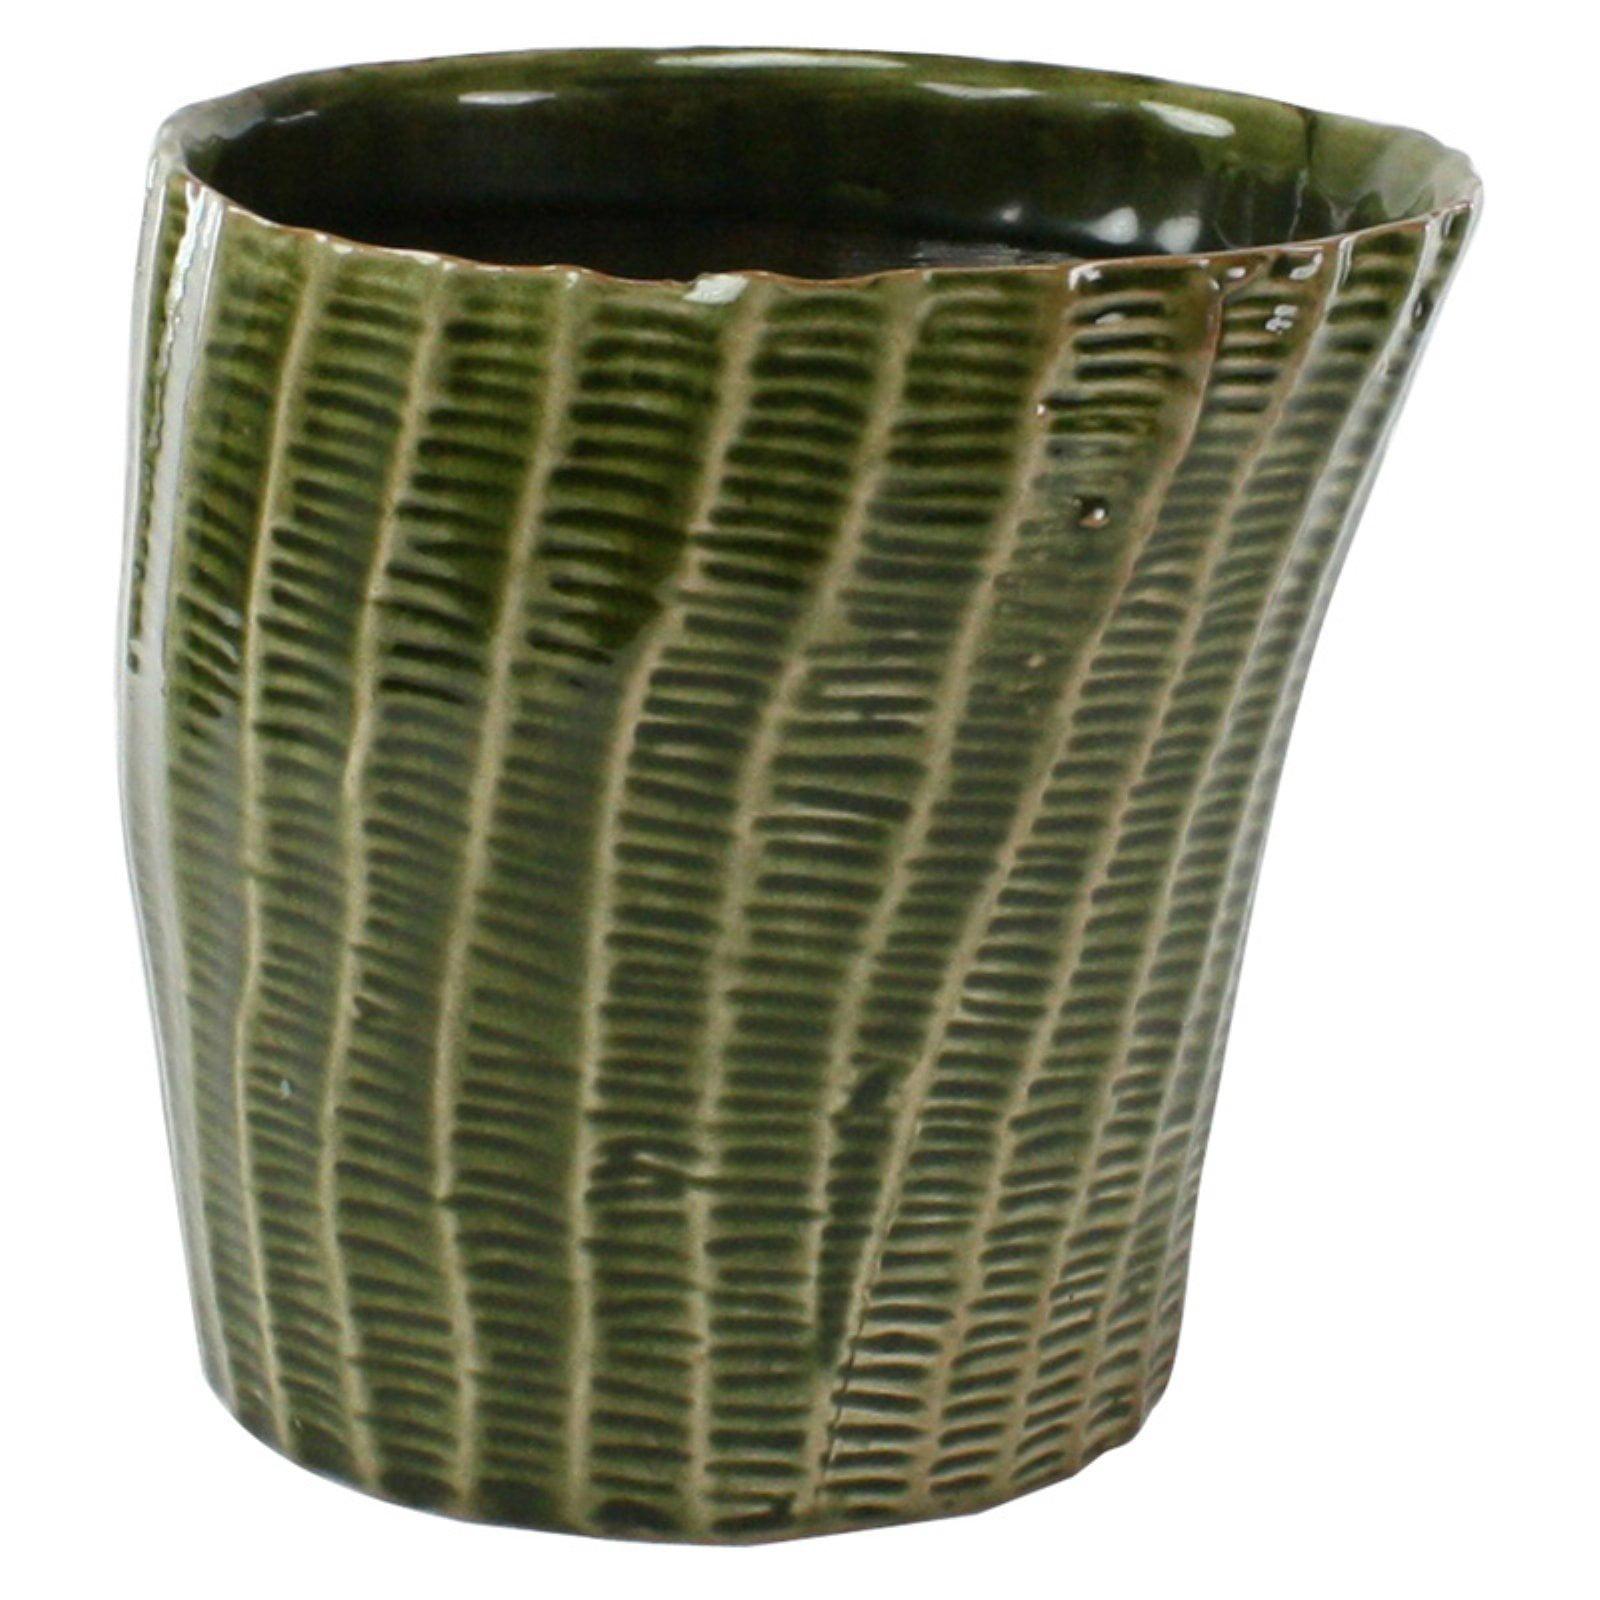 Nairobi Ceramic Cachepot Ex Large by